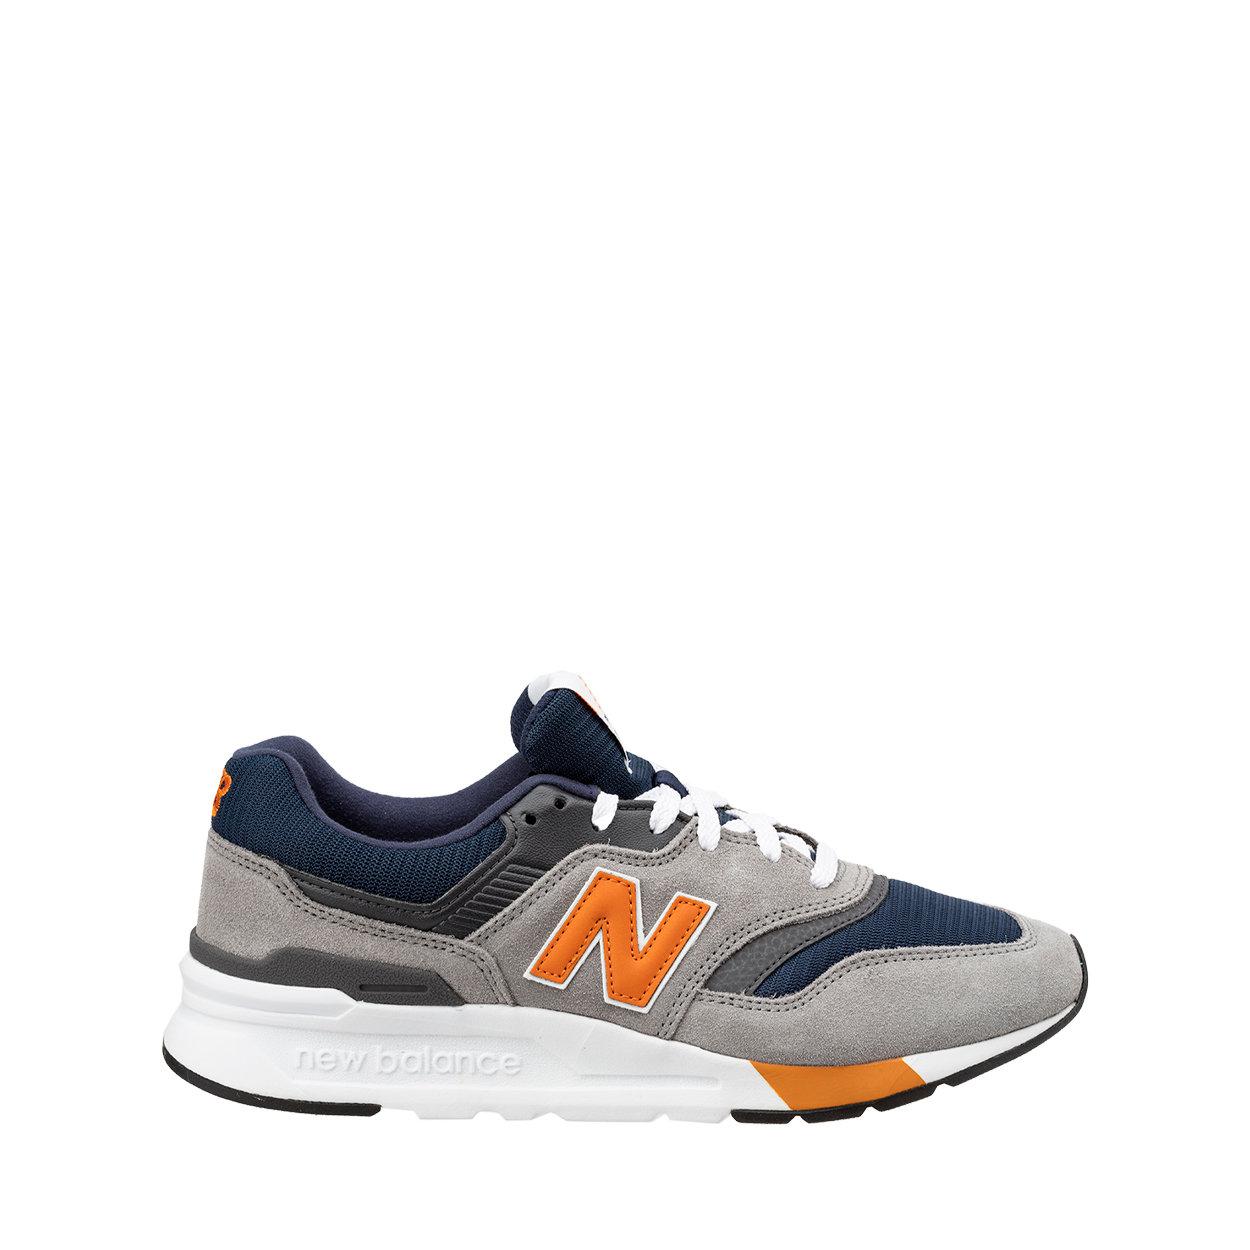 Credemshop by Ventis - Sneakers 997H grigio, blu e arancio